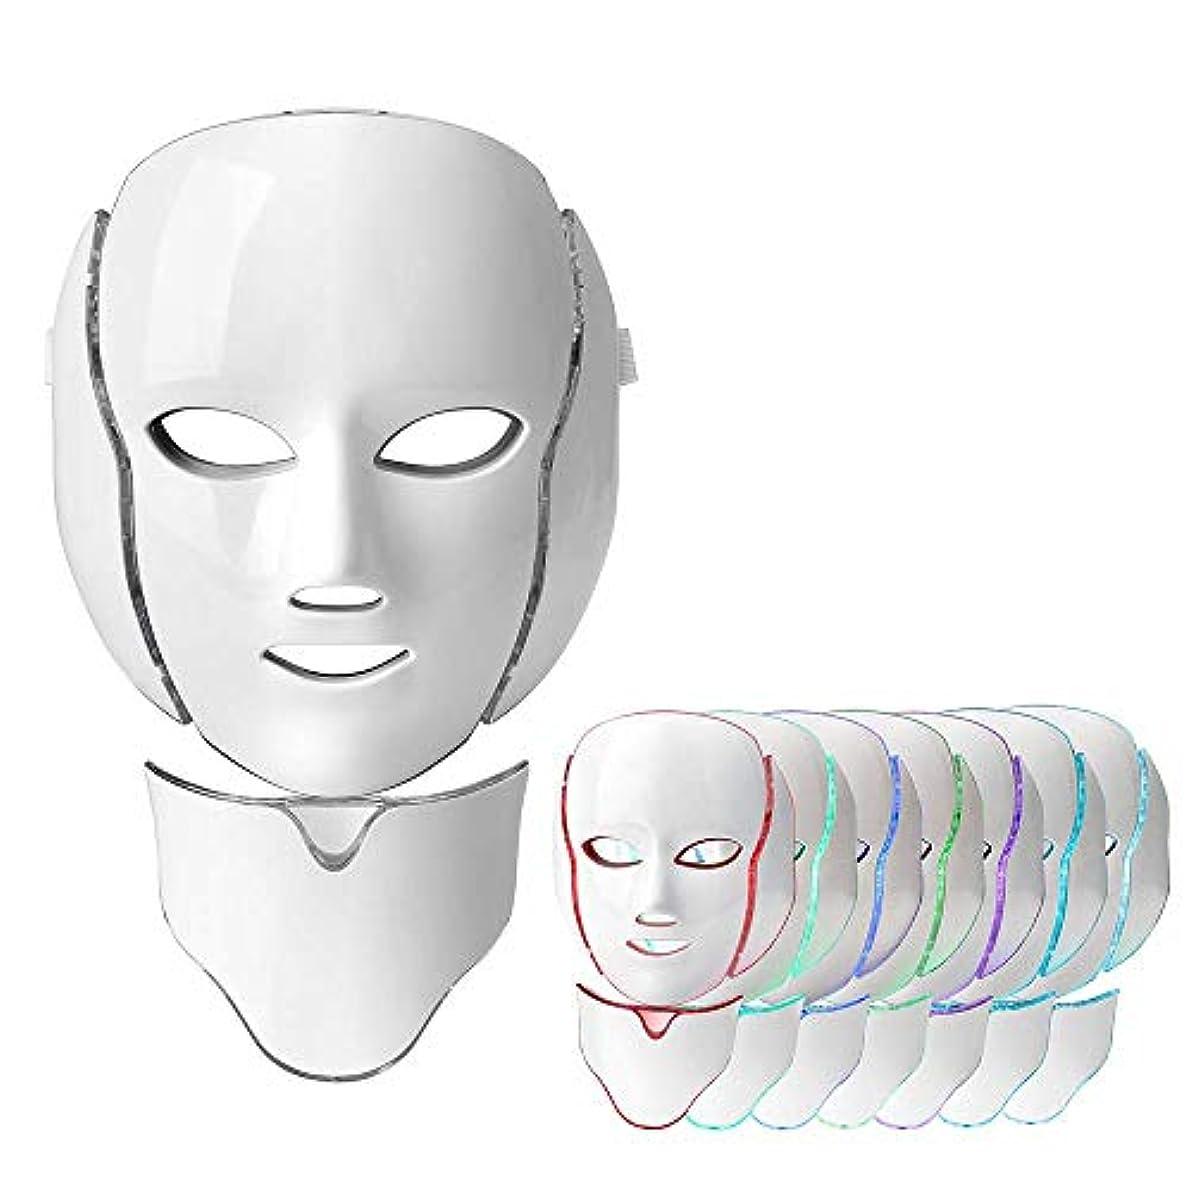 裁判官日の出肉屋フォトンセラピーライトセラピーフェイスマスク、マイクロカレント7色ニキビ治療Ledフォトンマスクフェイシャルスキンケアアンチエイジングキット